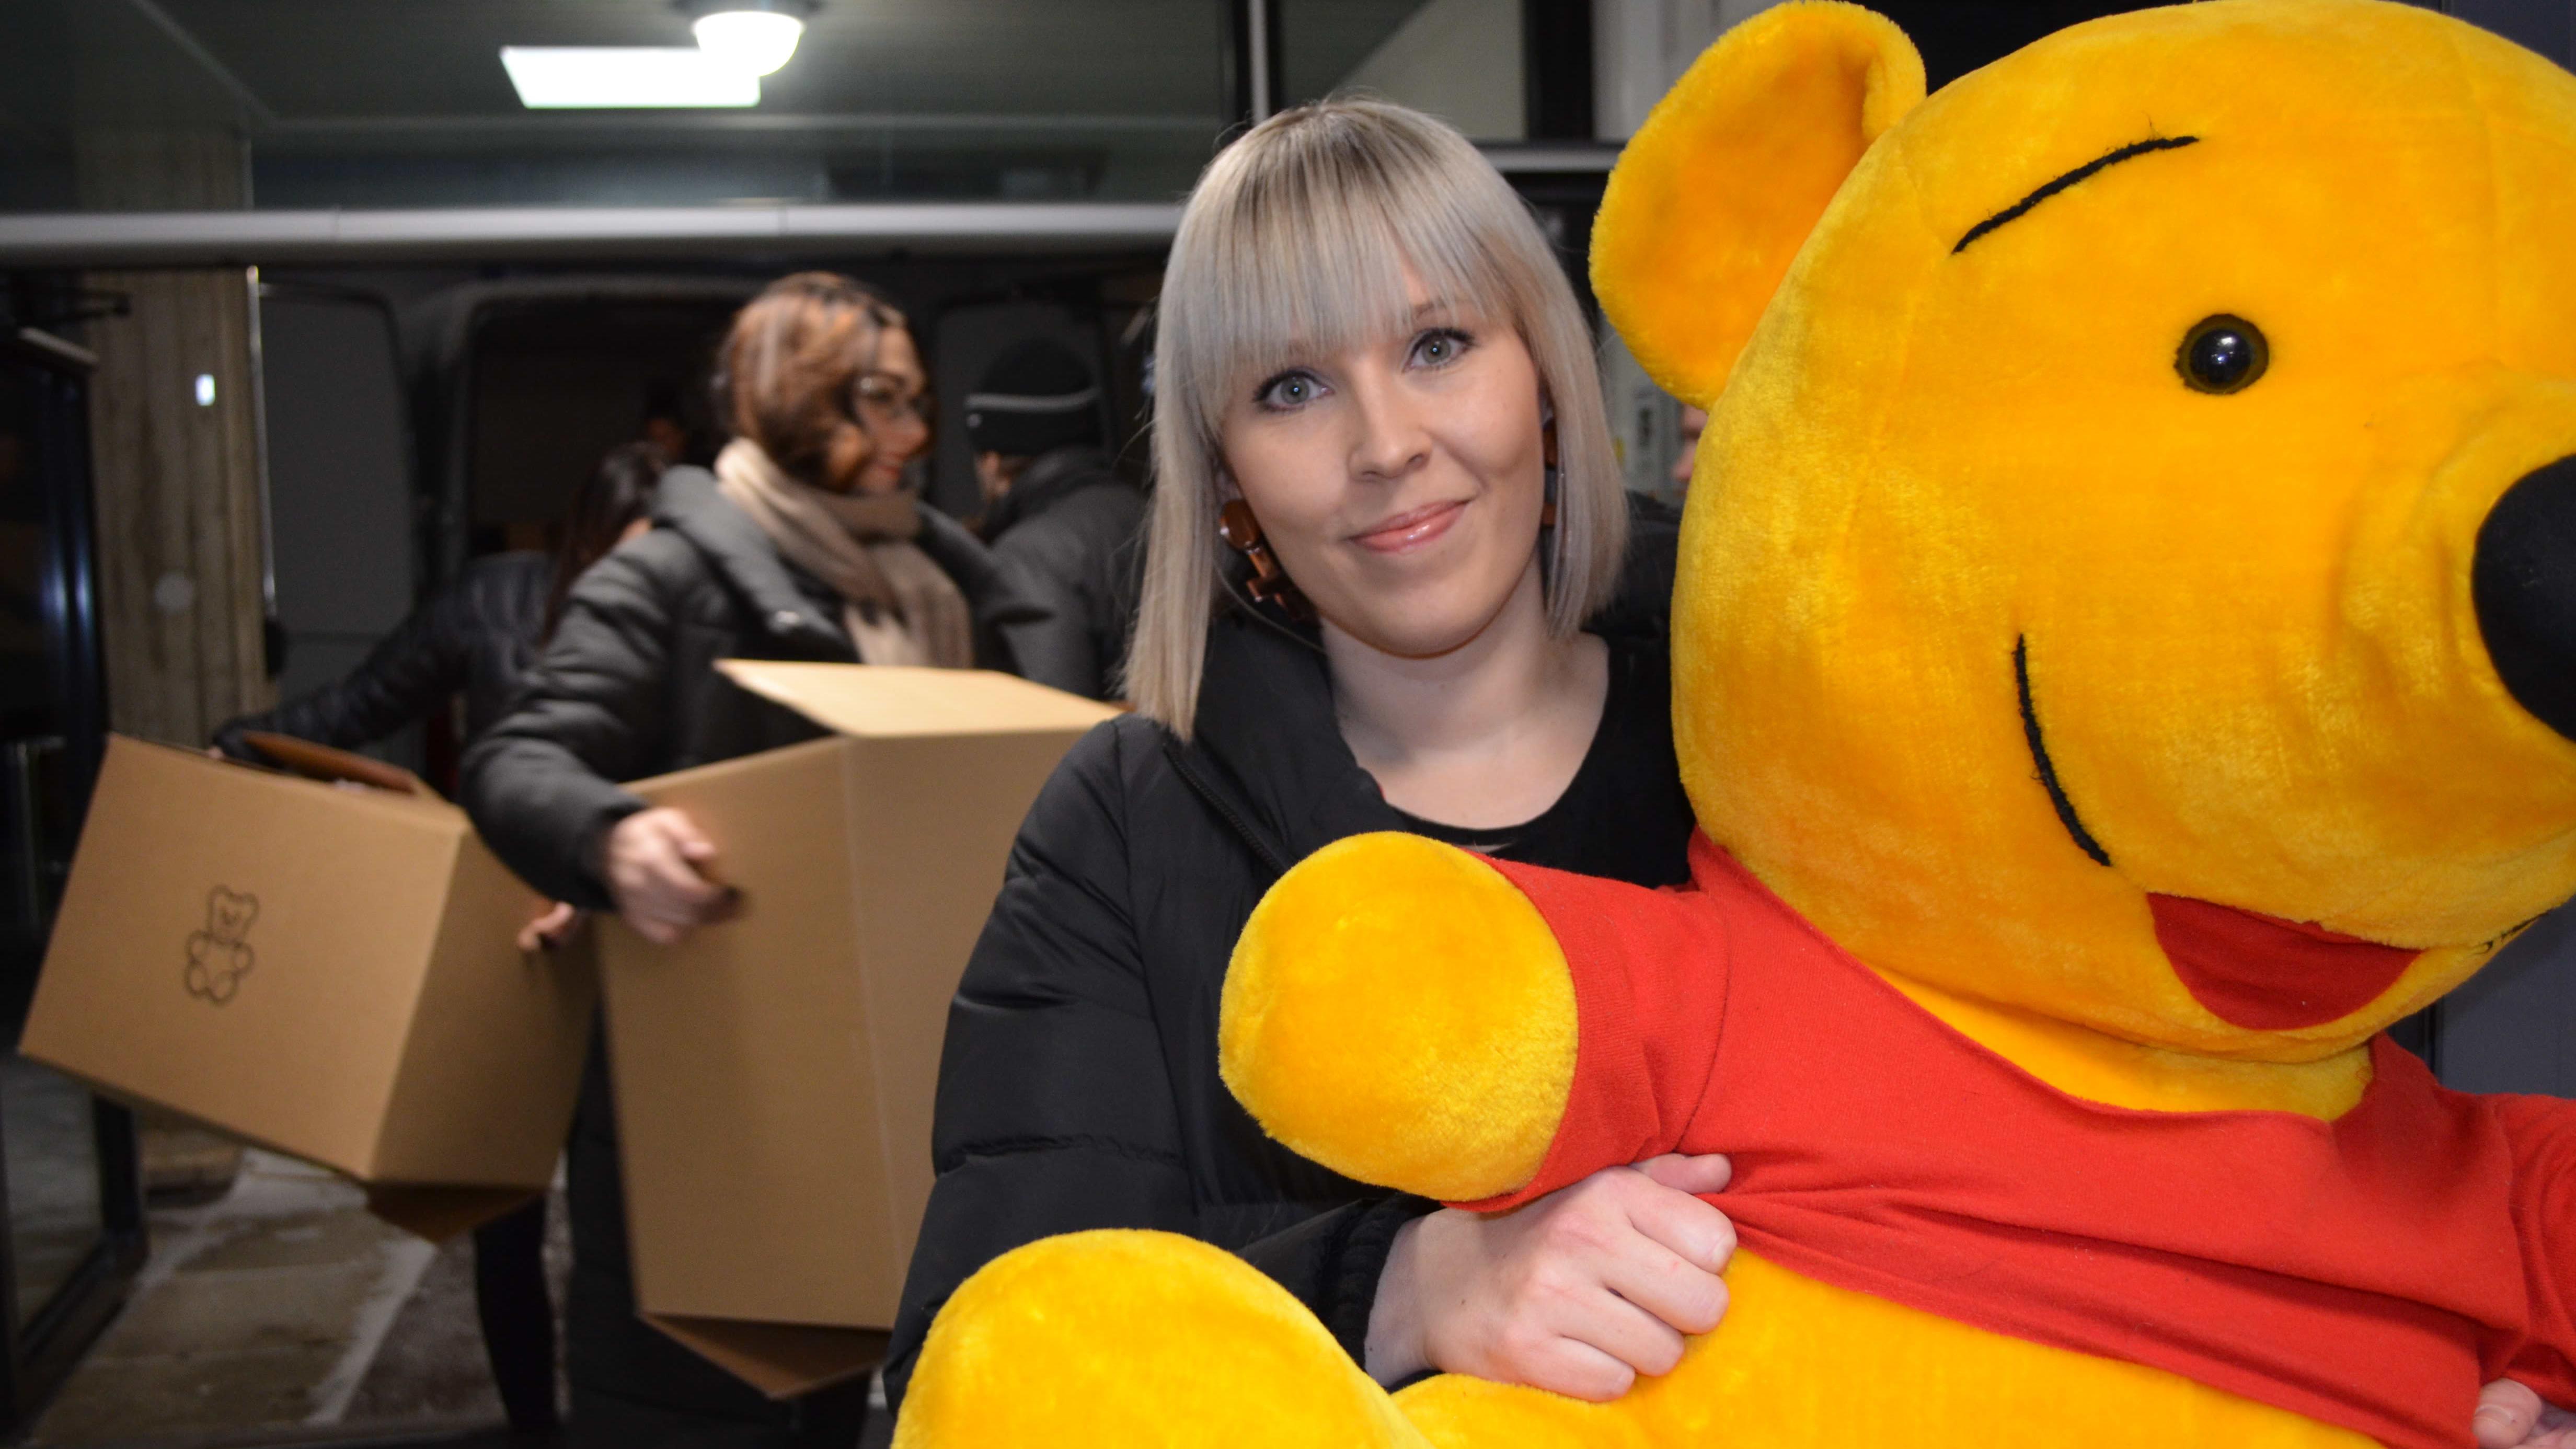 Pirjo Syrjälällä on sylissään lastenosaston pehmolelukeräykseen lahjoitettu Nalle Puh. Taka-alalla Laura Lähdesmäki kantaa lahjoituslaatikoita sisälle keskussairaalaan.